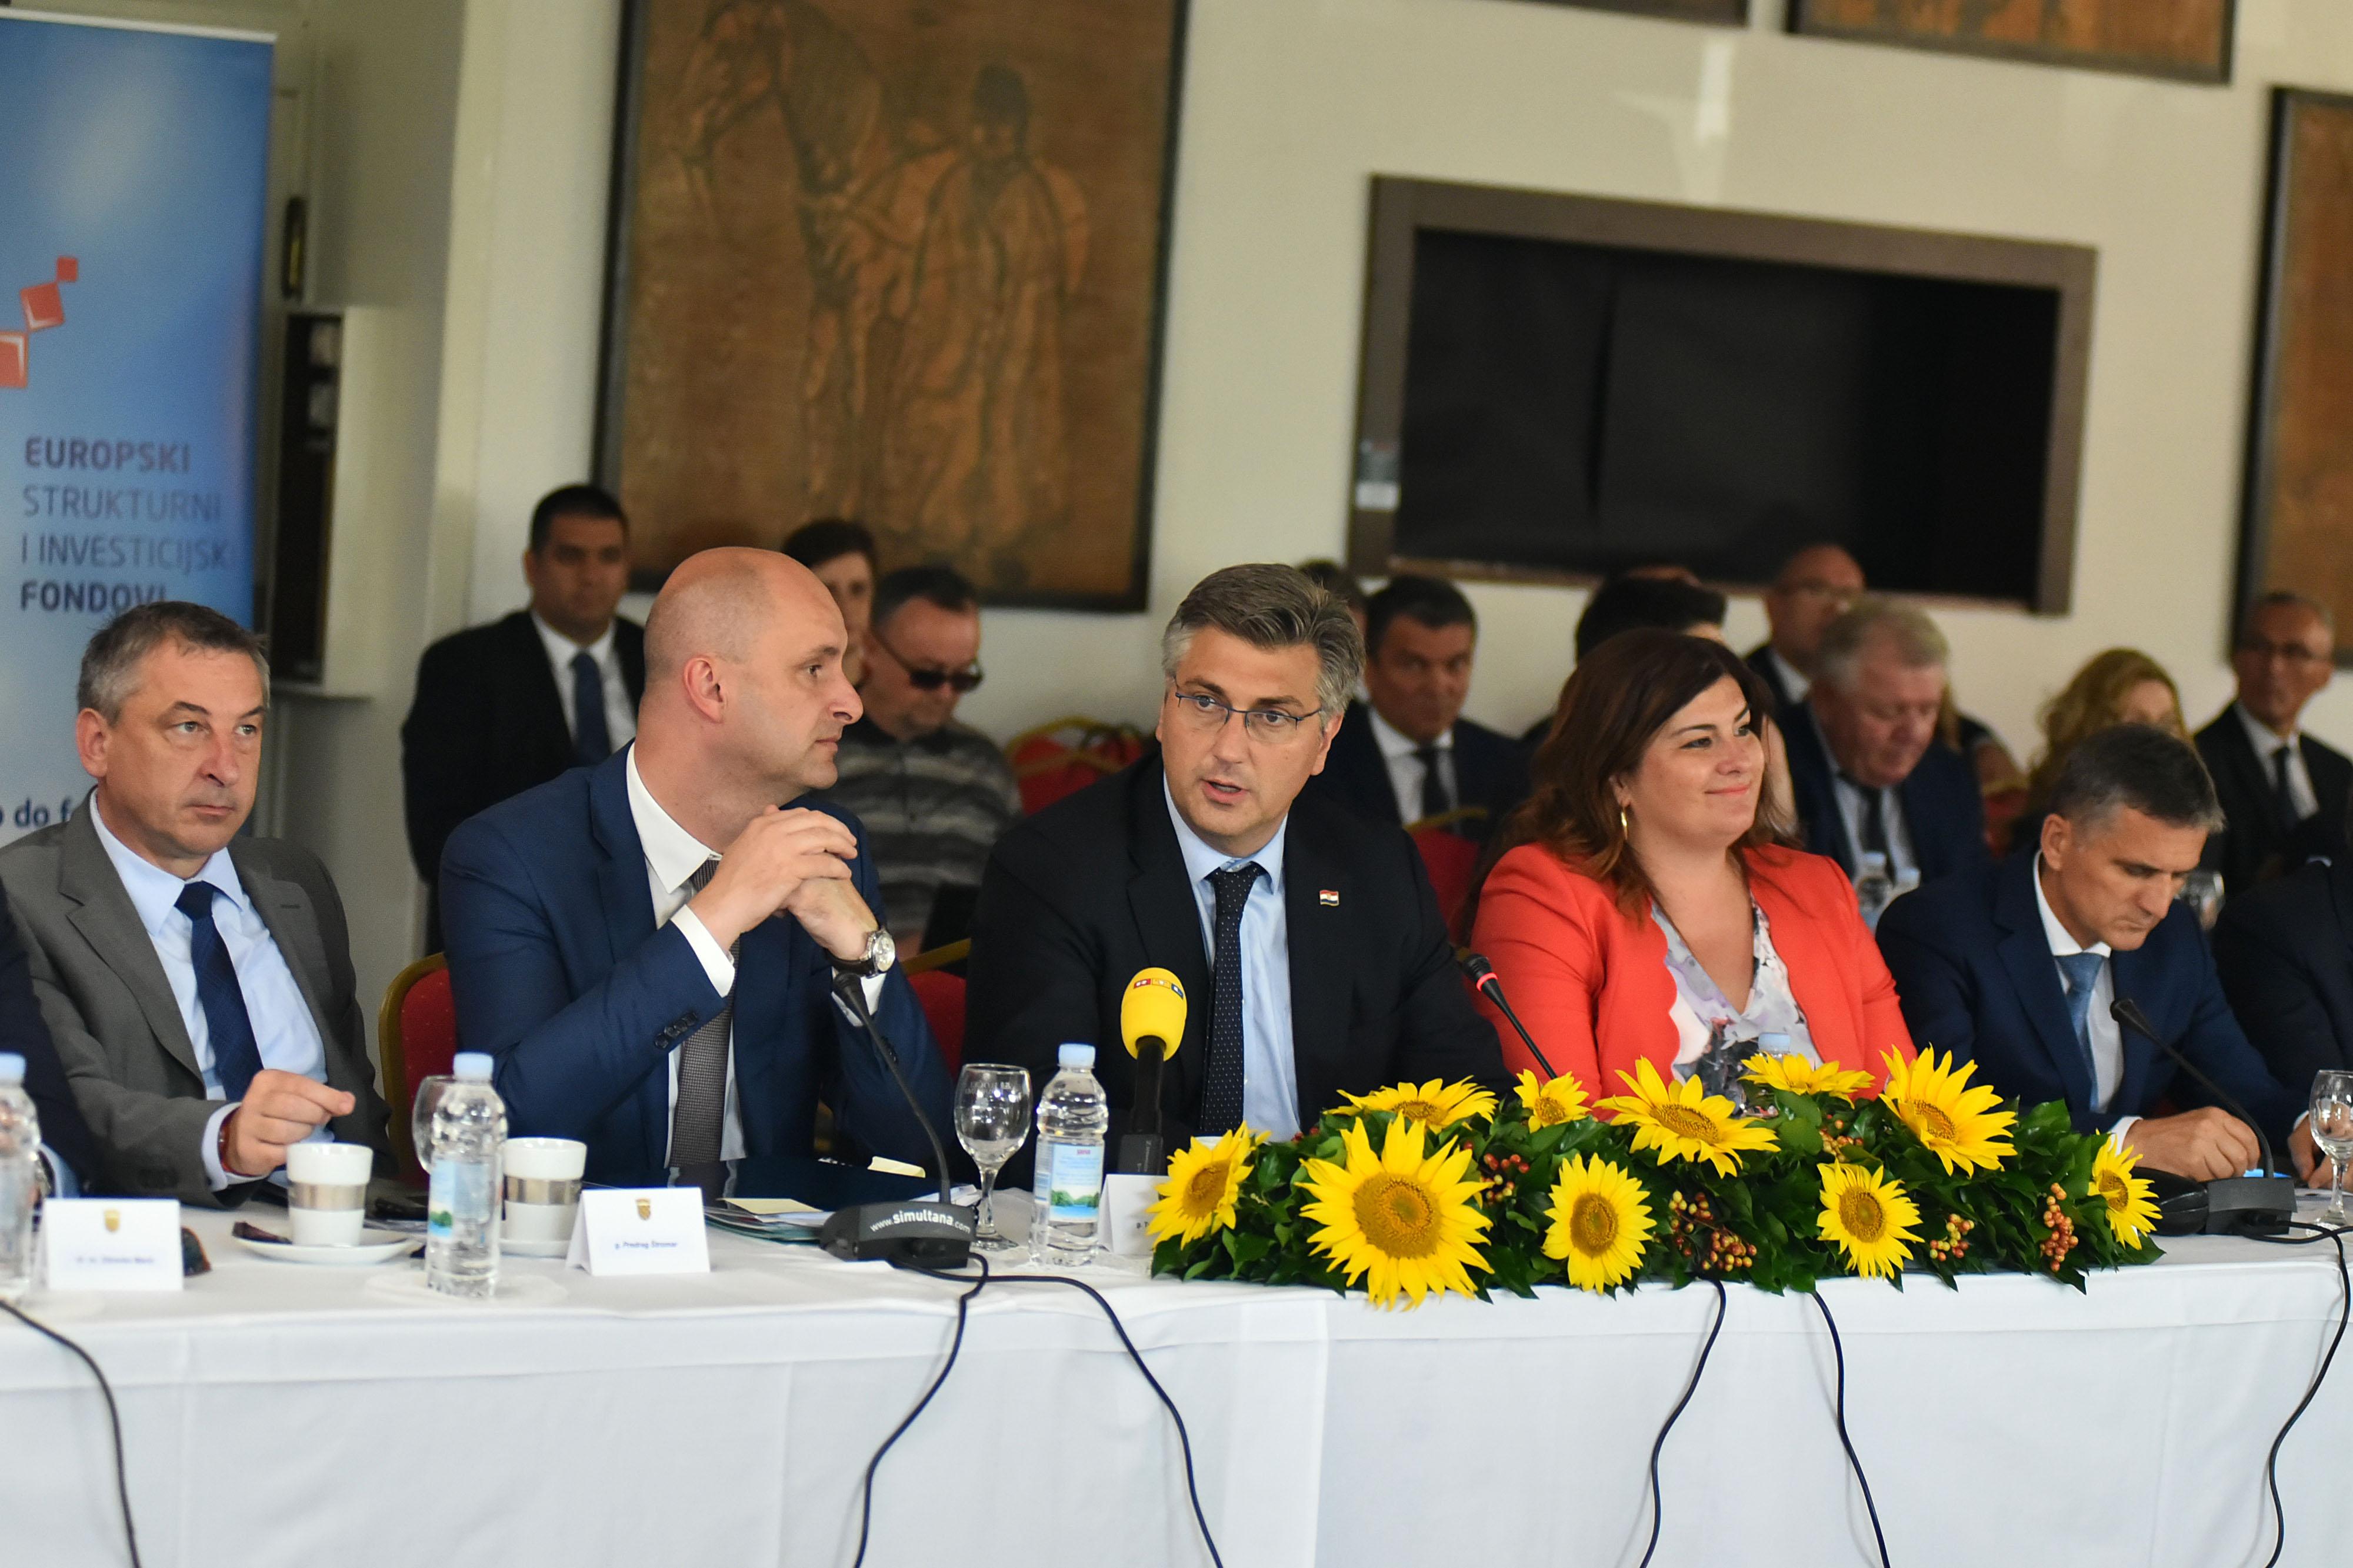 Potpisan razvojni sporazum za područje Slavonije, Baranje i Srijema